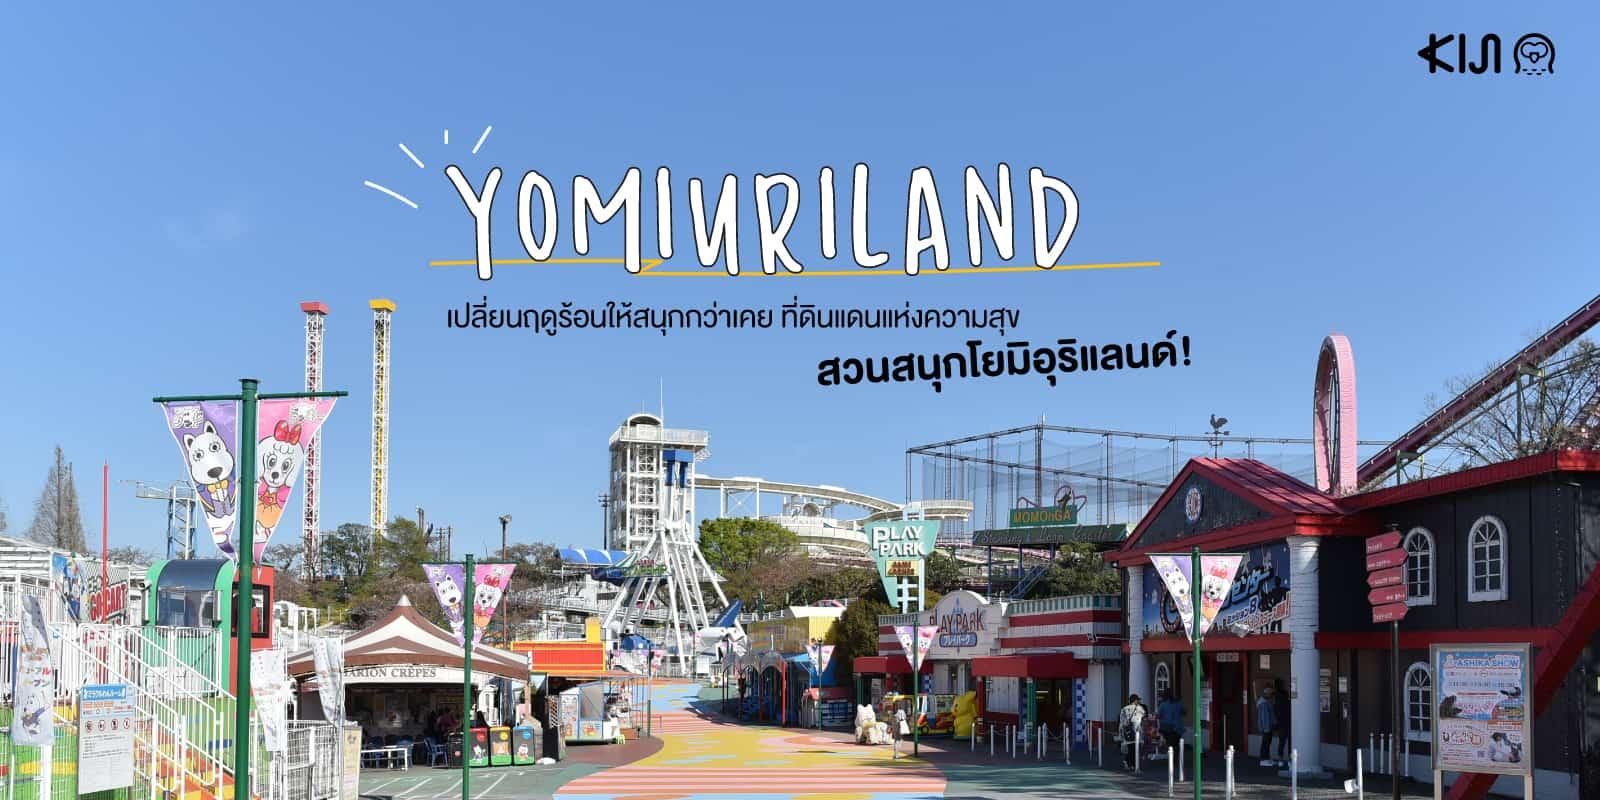 สวนสนุกโยมิอุริแลนด์ (Yomiuriland) ในโตเกียว